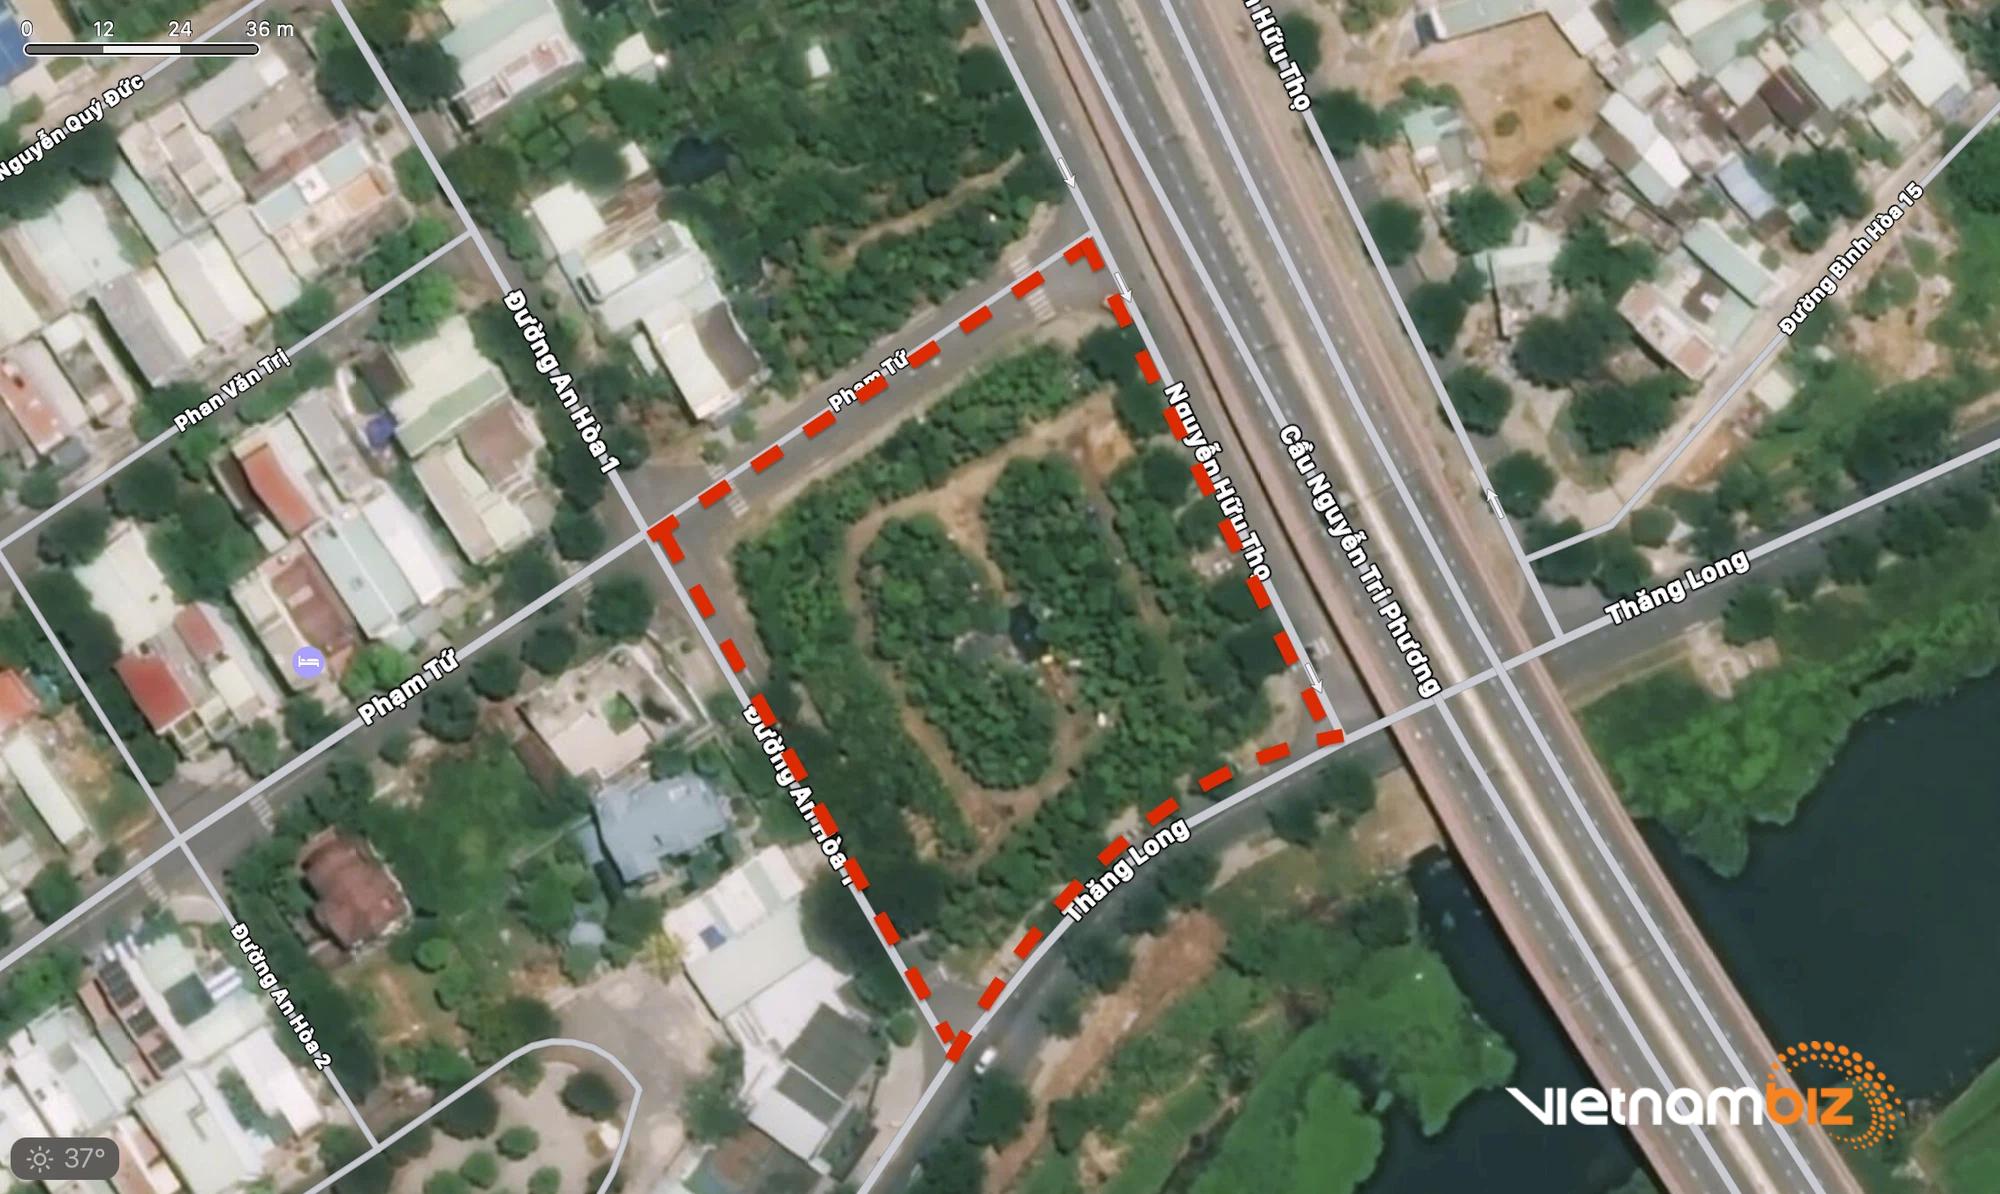 Cận cảnh hai khu đất ở quận Cẩm Lệ, Đà Nẵng sẽ đấu giá làm bãi đỗ xe - Ảnh 1.